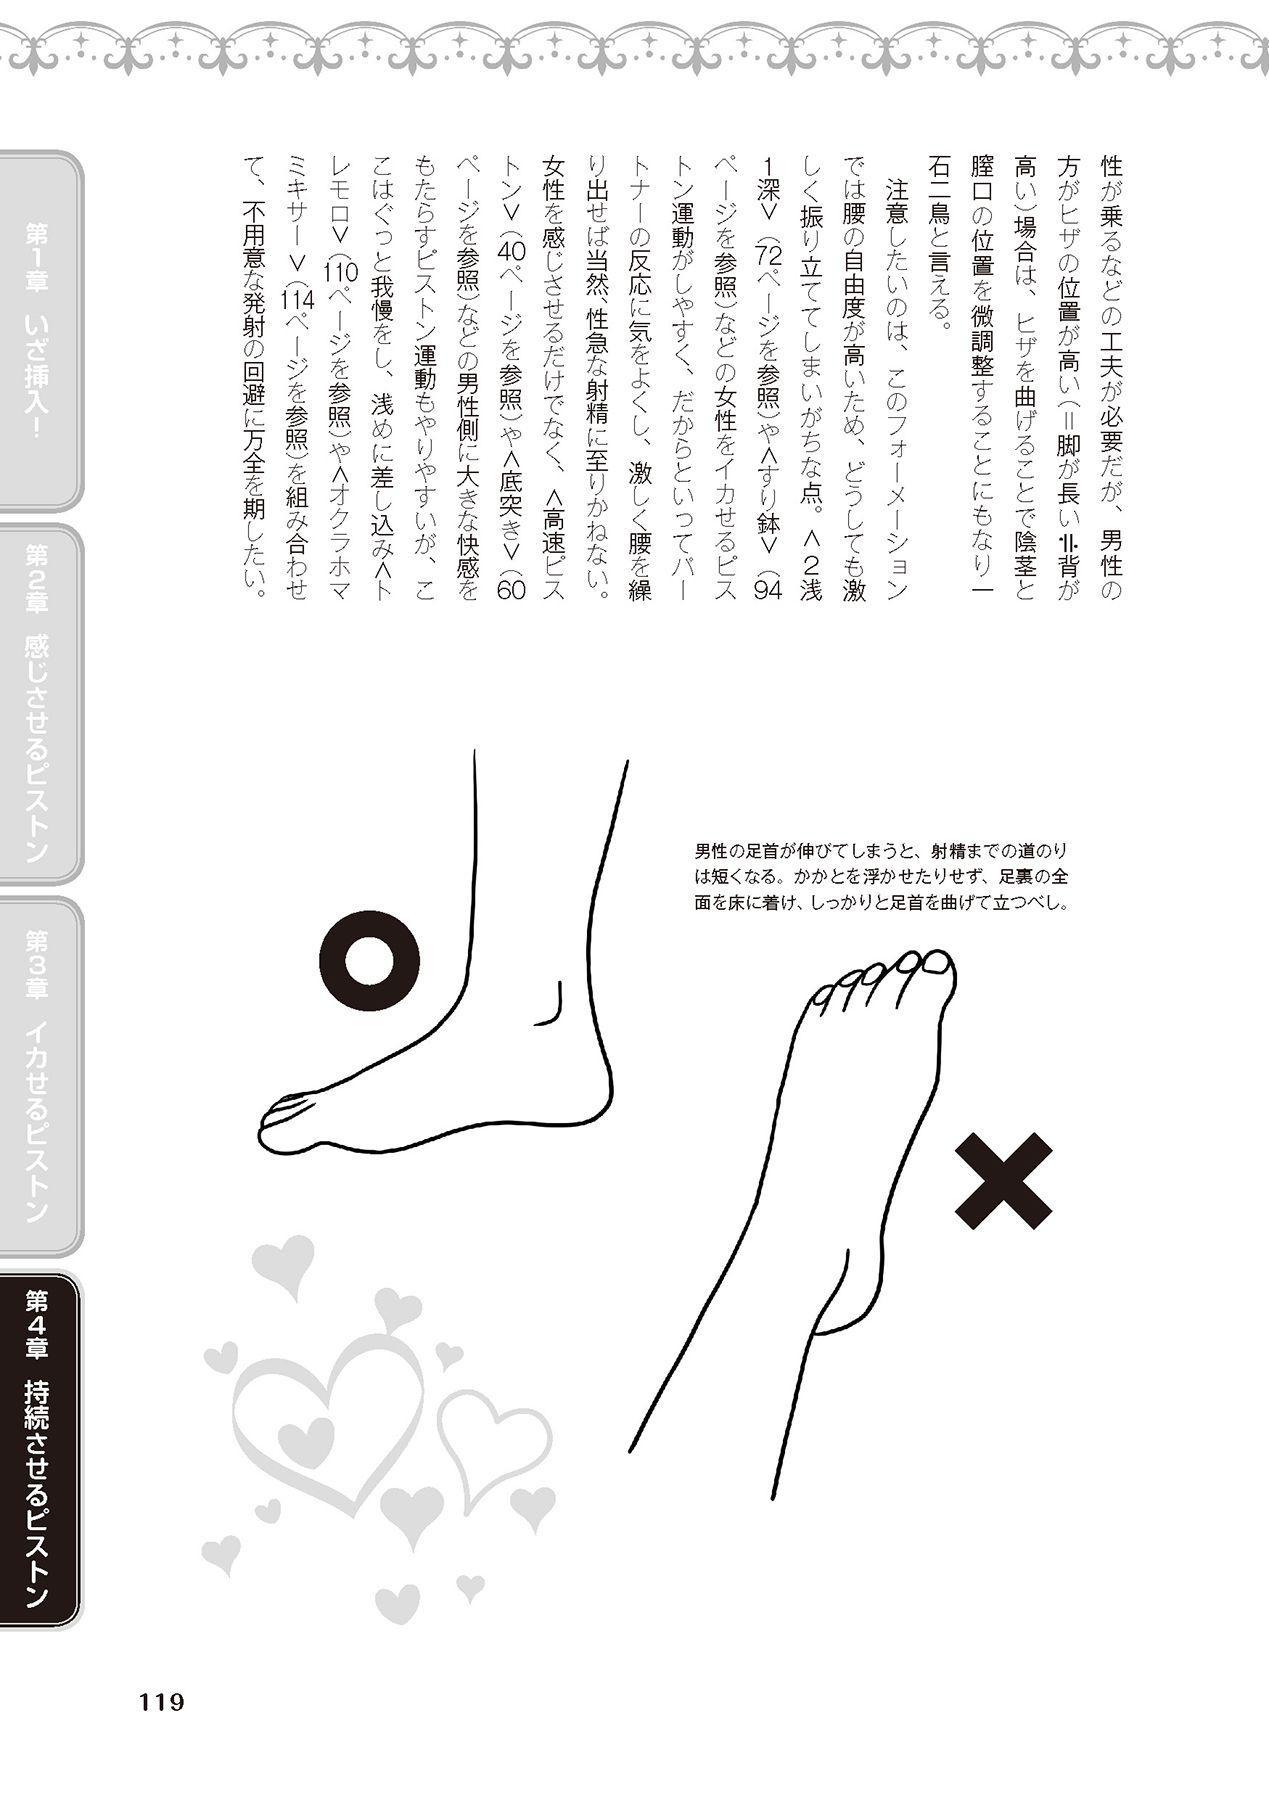 膣挿入&ピストン運動完全マニュアル イラスト版……ピスとんッ! 120